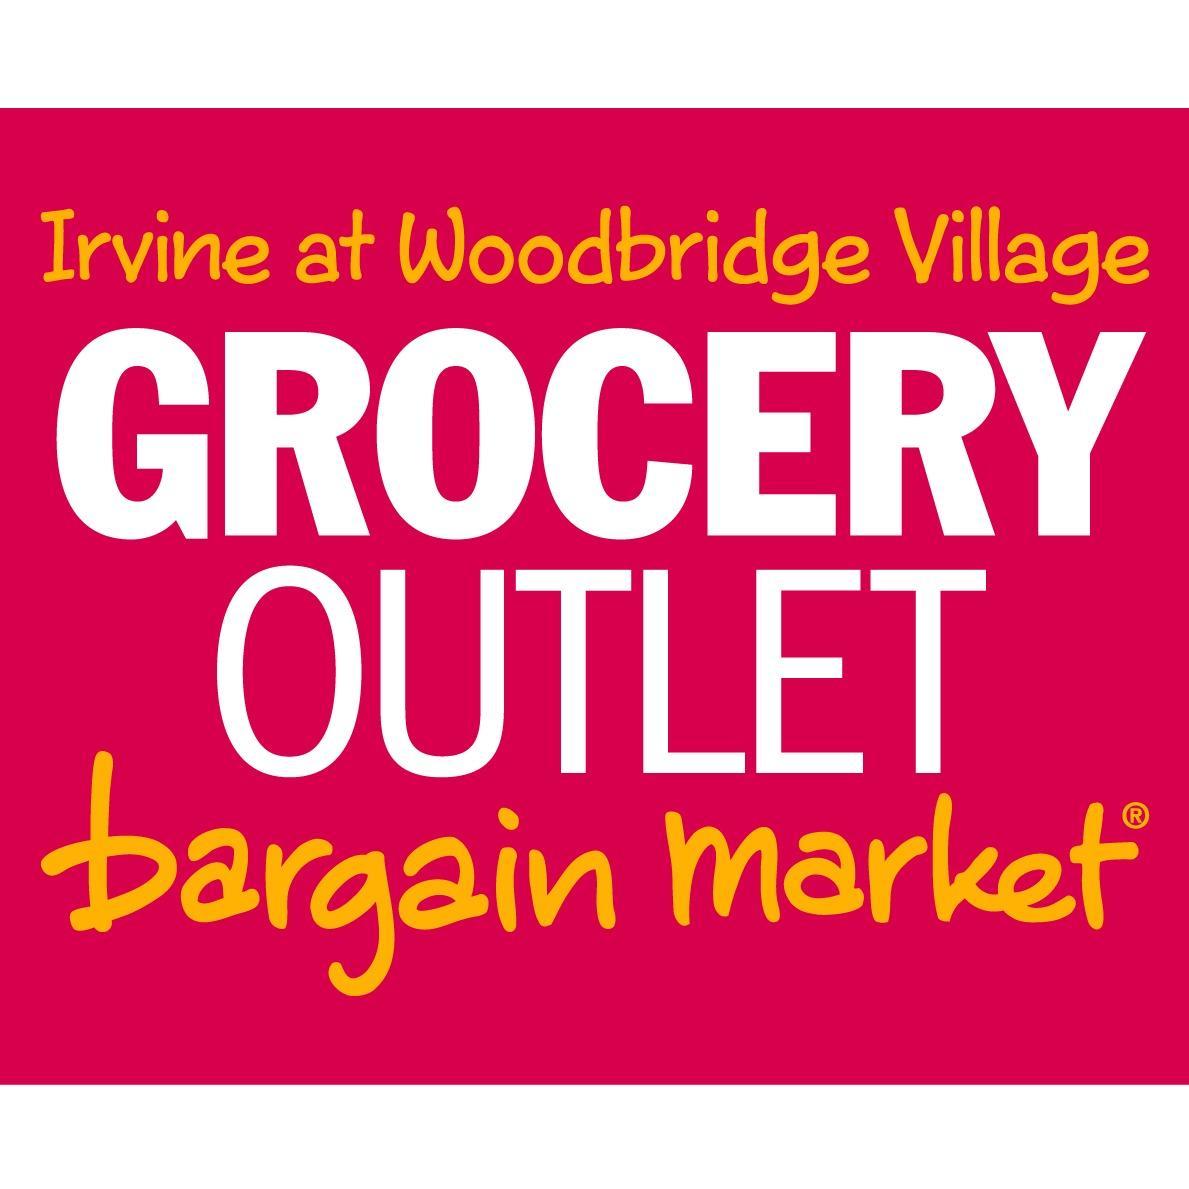 Irvine Grocery Outlet at Woodbridge